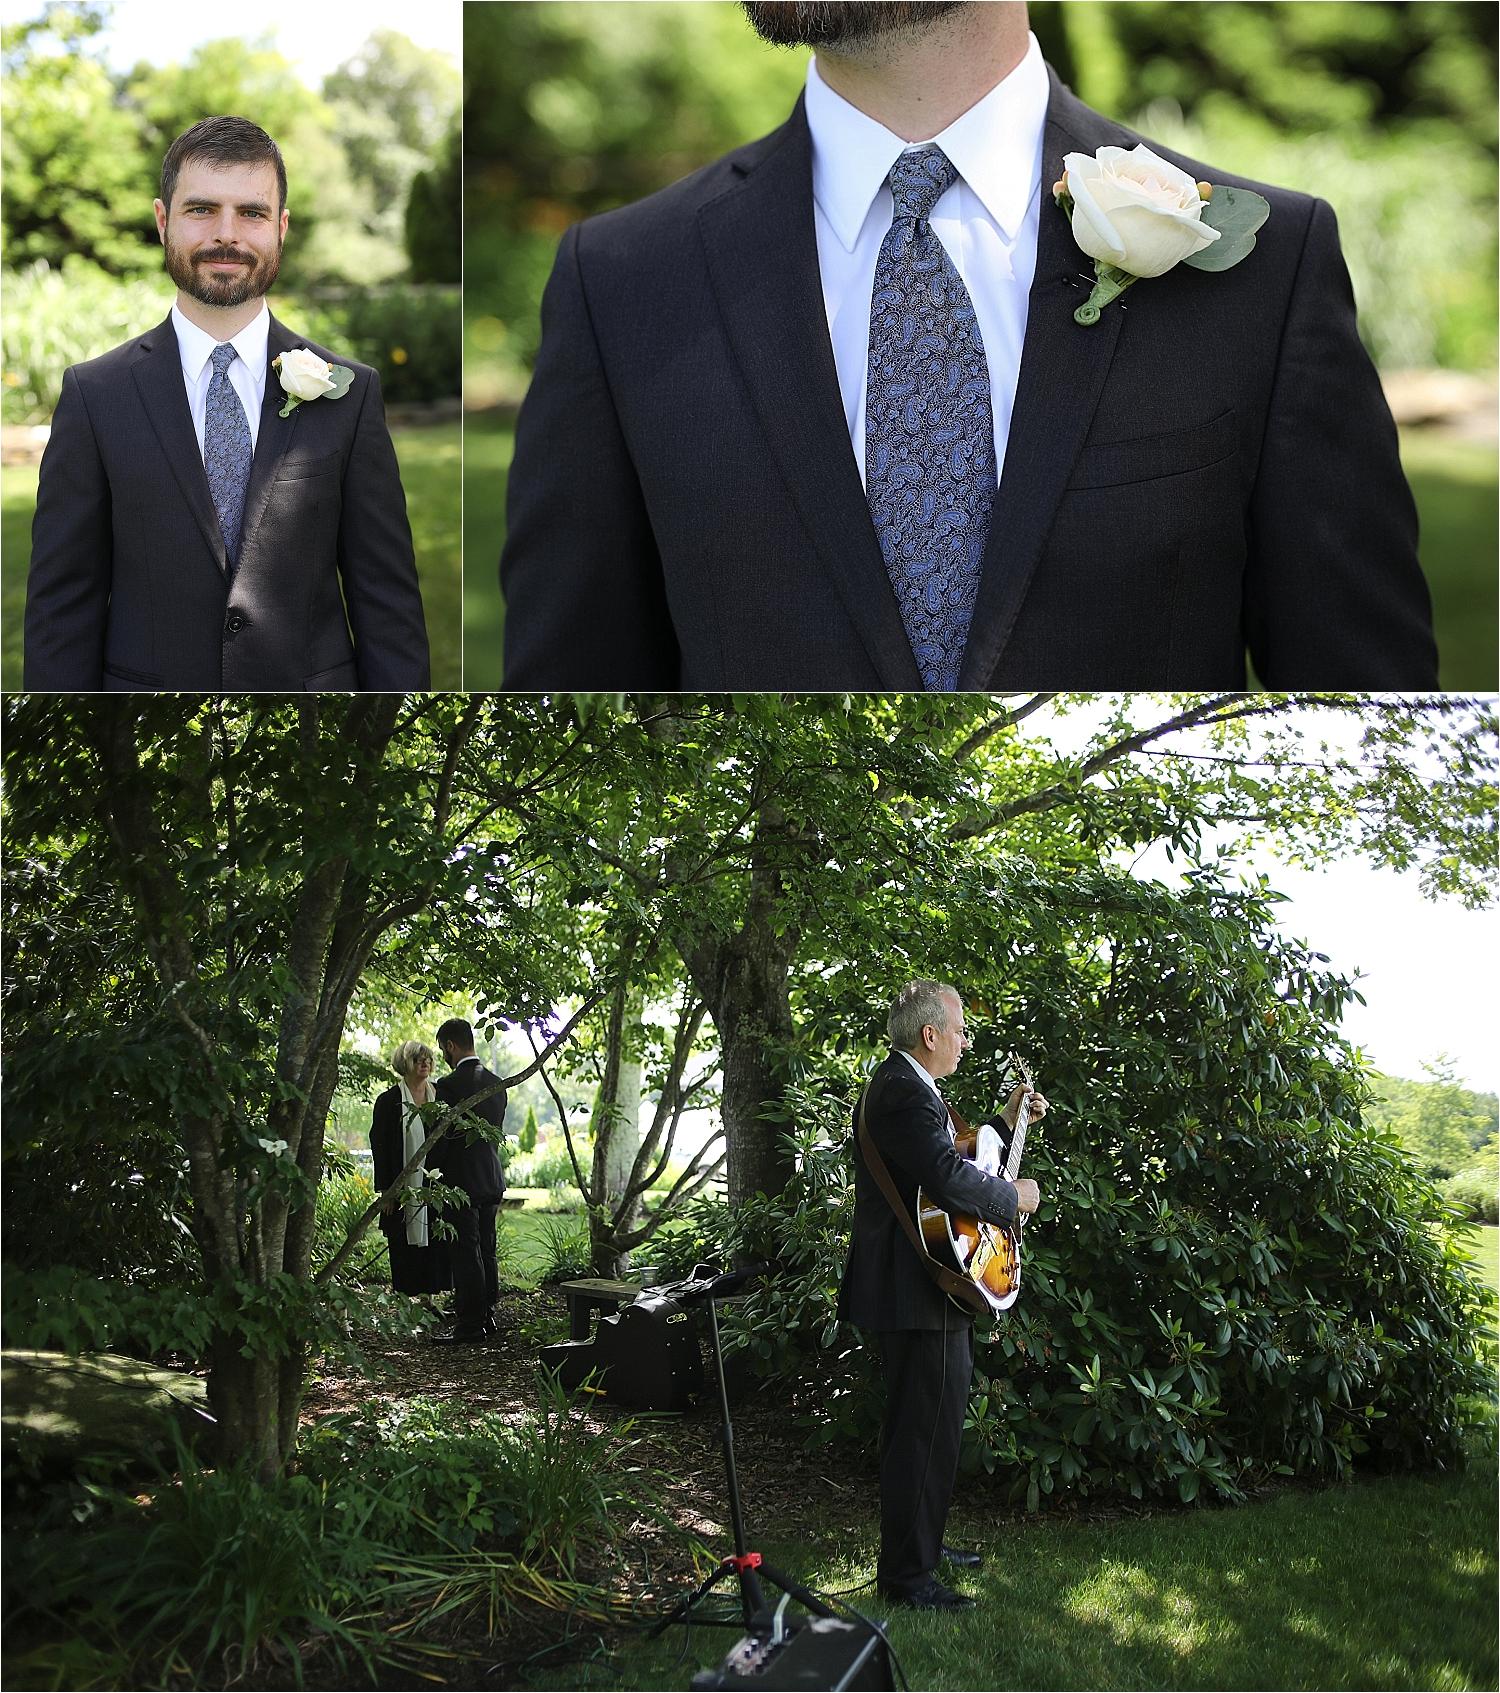 Chateau-Morrisette-Winery-Vineyard-Virginia-Wedding-Photos-_0004.jpg